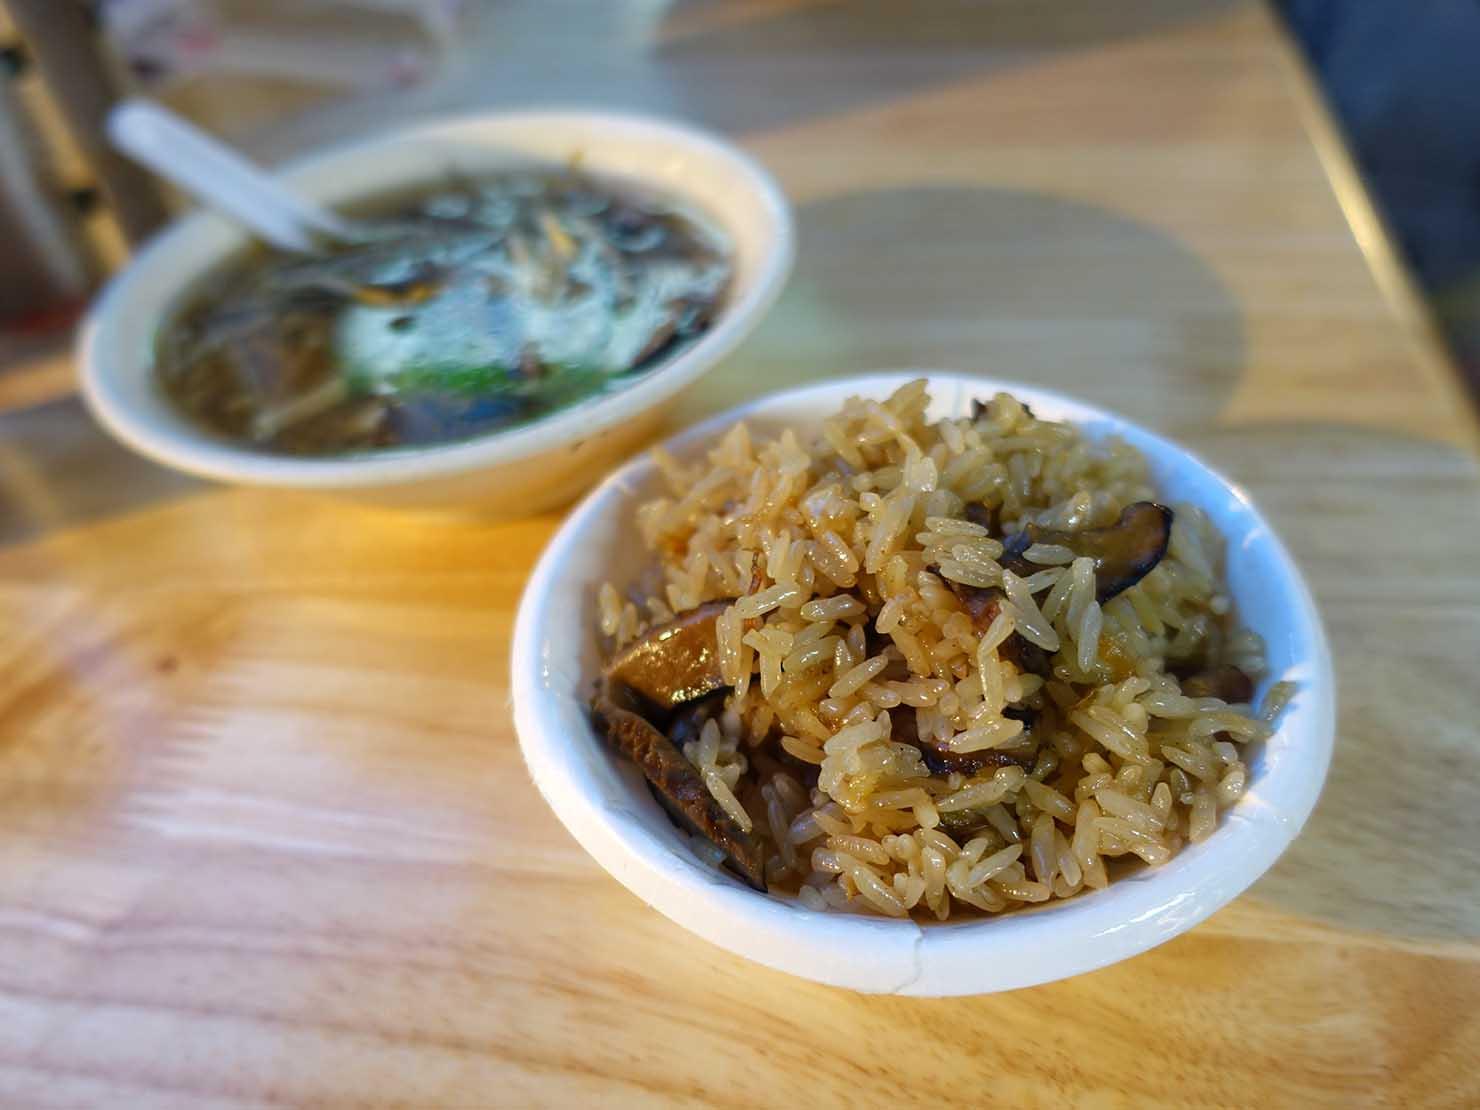 台北から日帰りで行ける基隆・廟口夜市の名物グルメ「油飯(おこわ)」